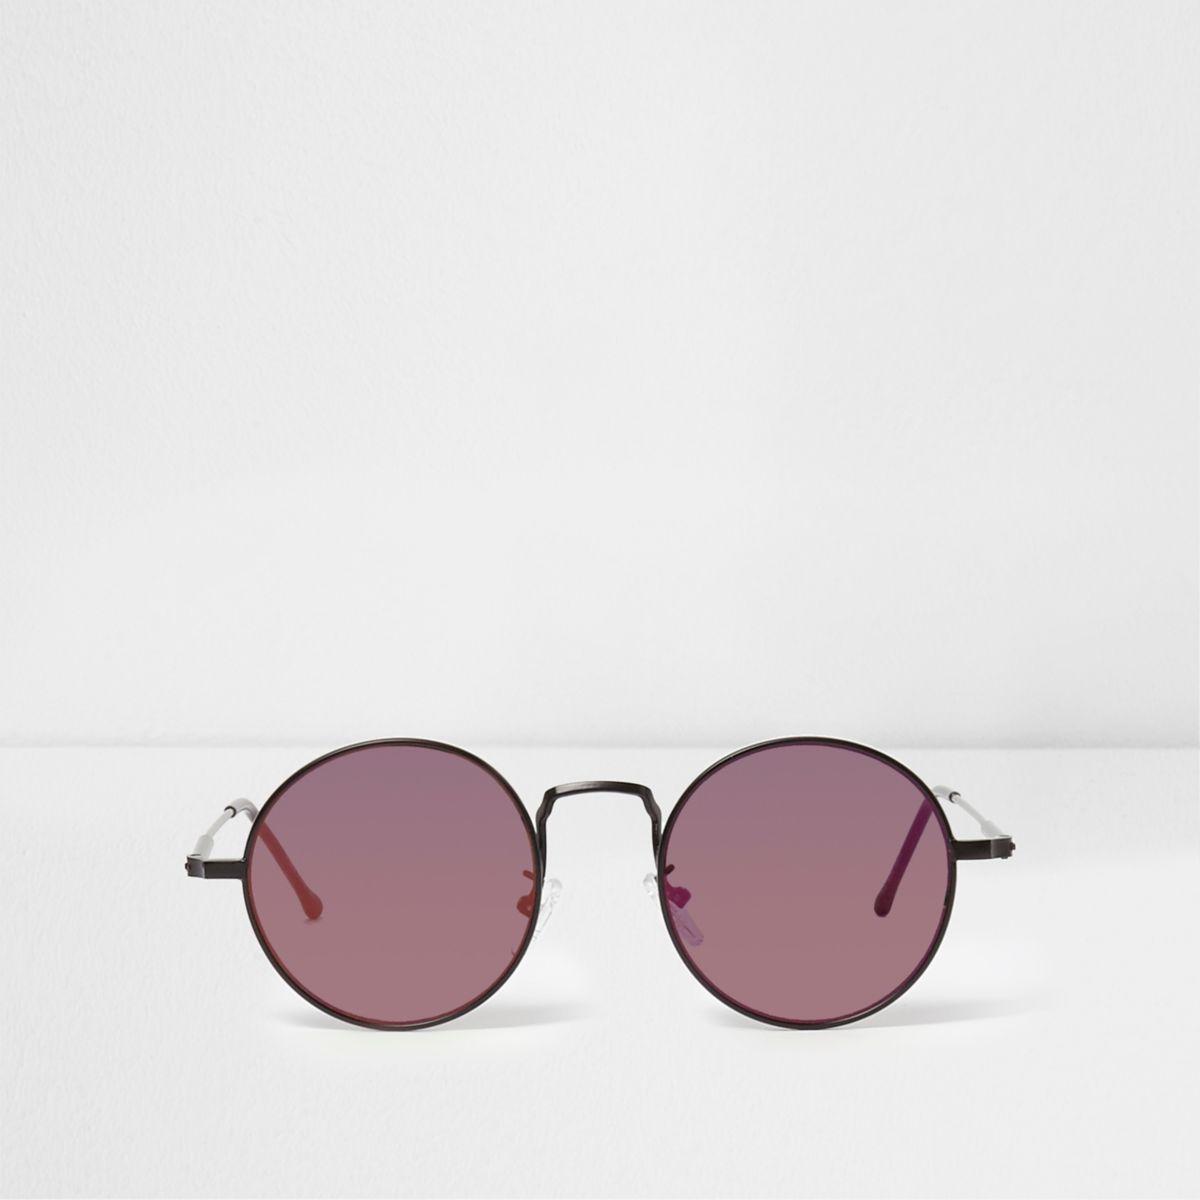 Schwarze, runde Retro-Sonnenbrille